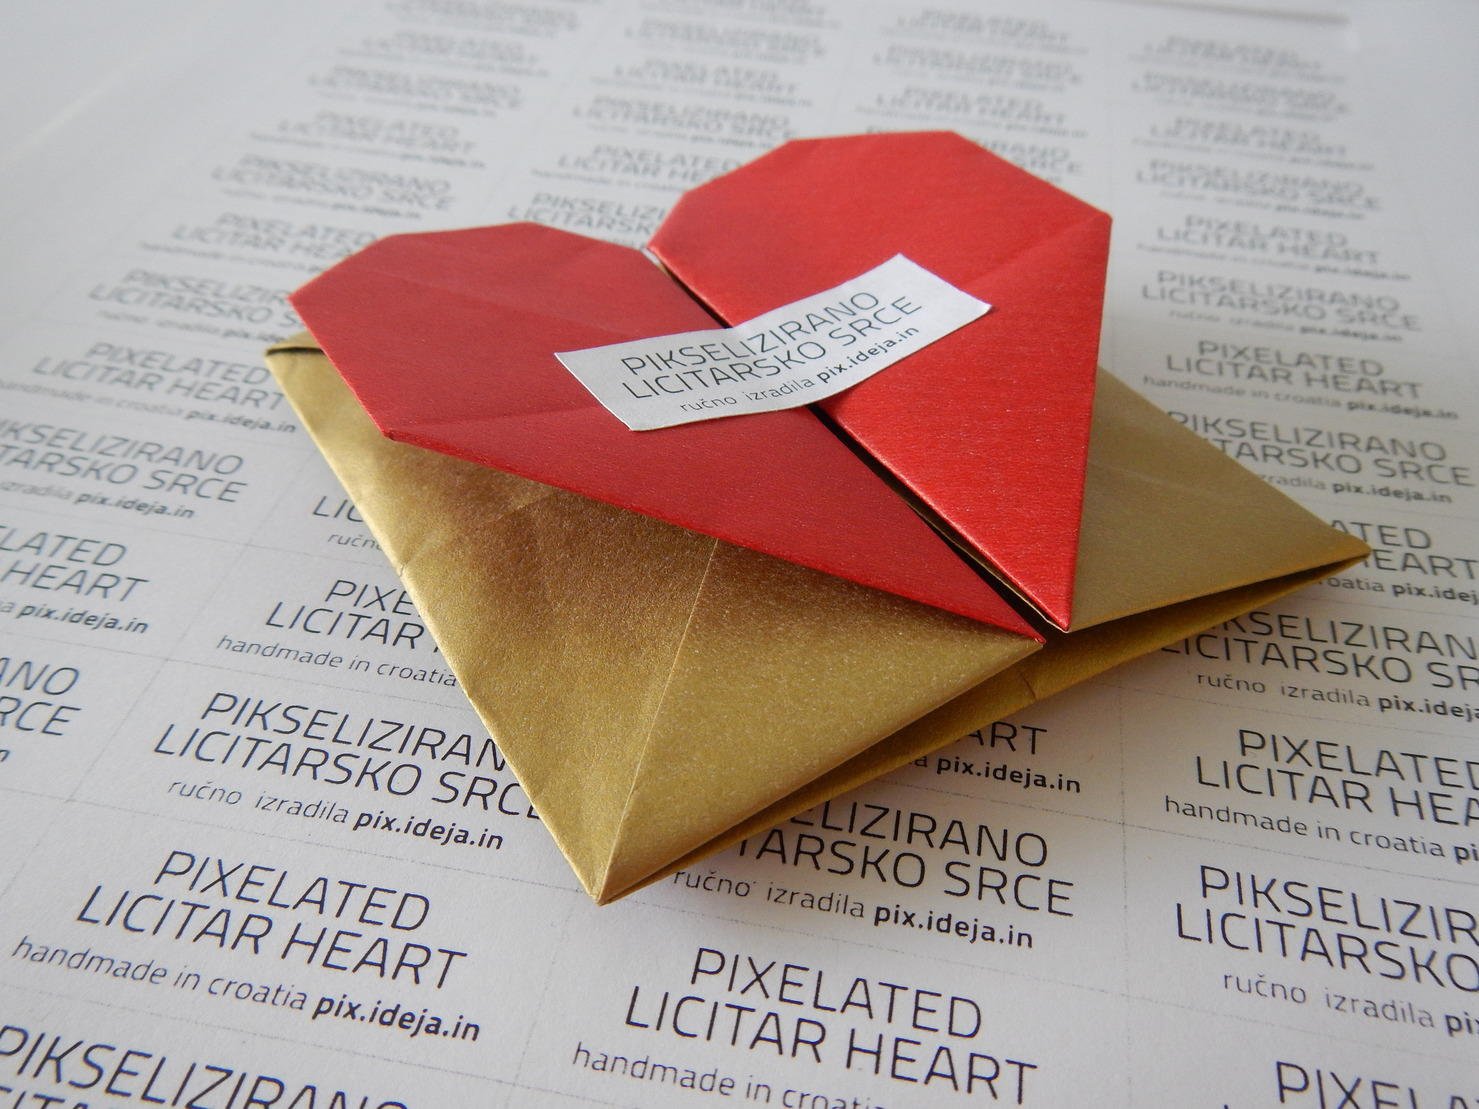 origami-pakiranje-za-magnete-02